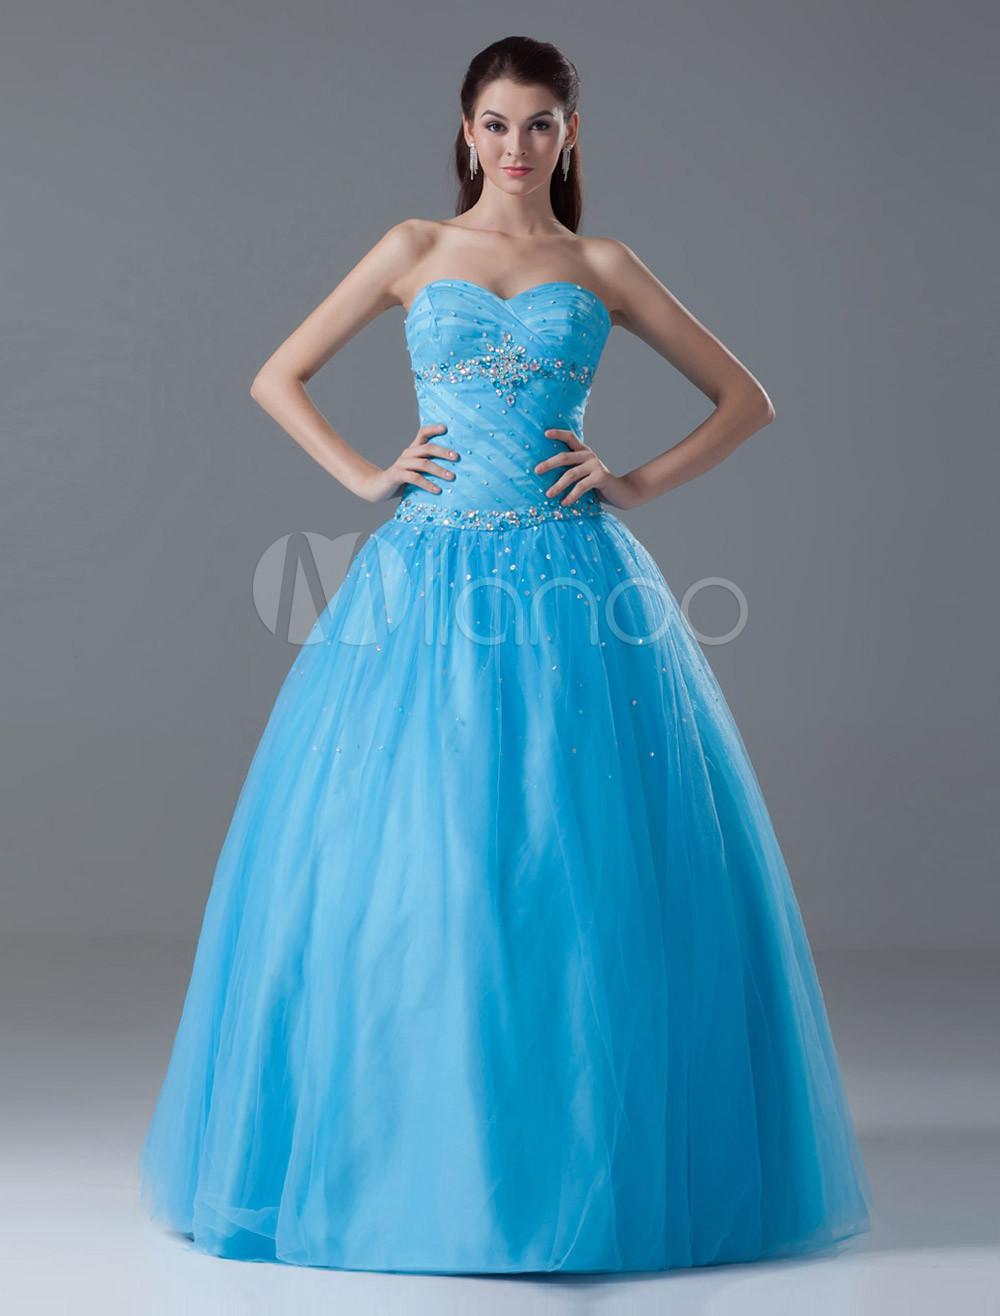 Abiti Eleganti 18 Anni.Abito Festa 18 Anni Blu Elegante Da Ballo Smanicato Con Scollo A